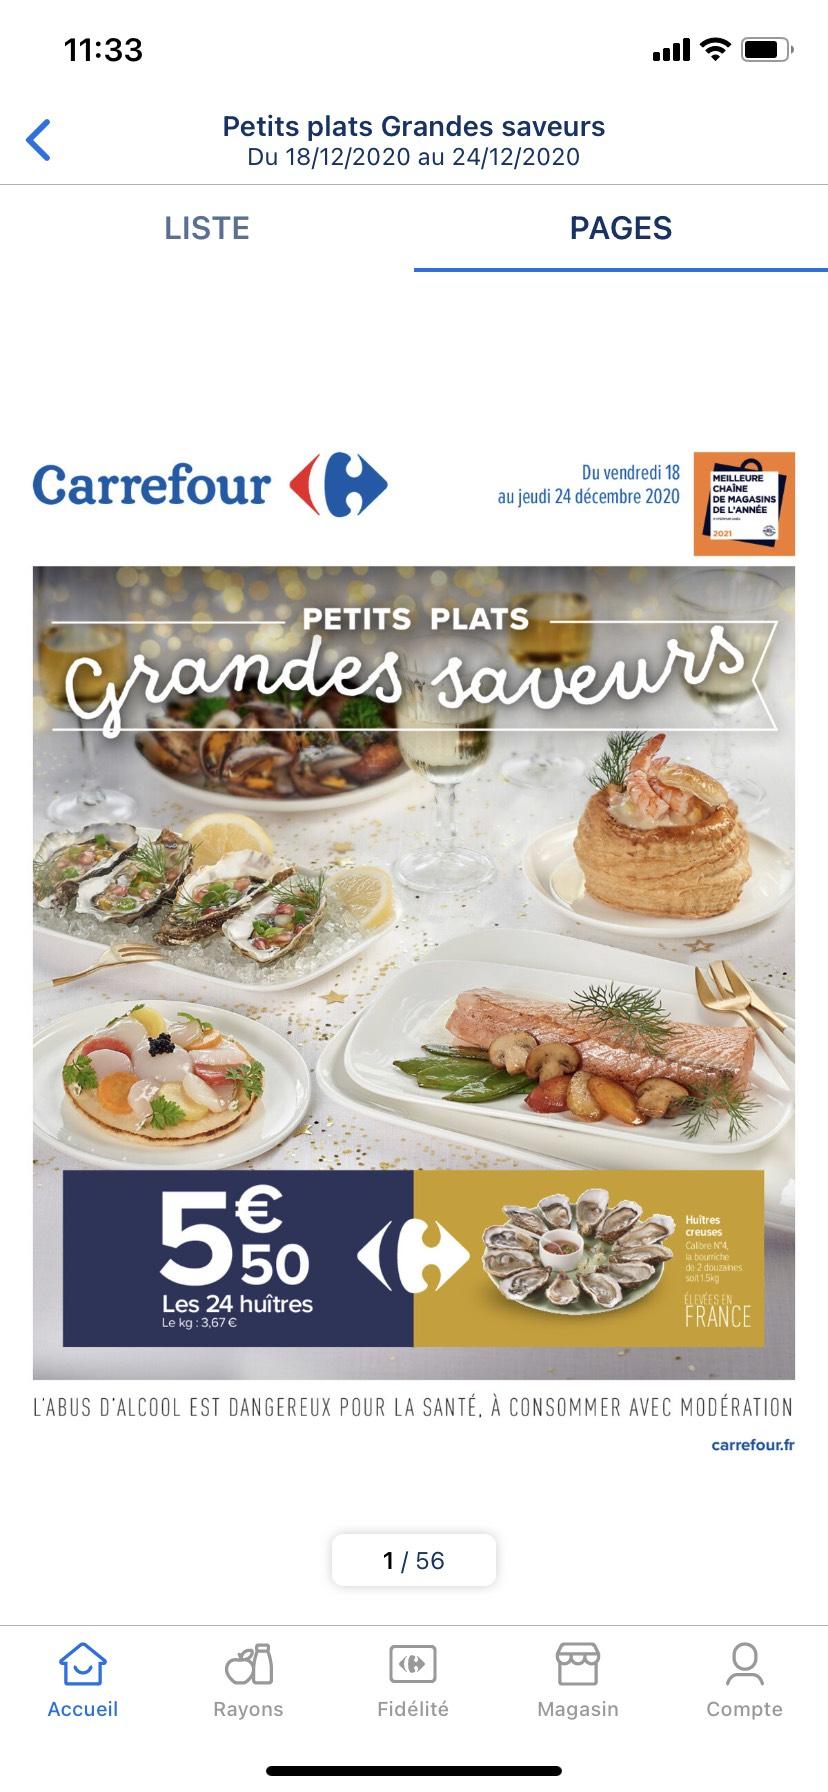 Bourriche de 2 douzaines d'huîtres creuses - élevées en France